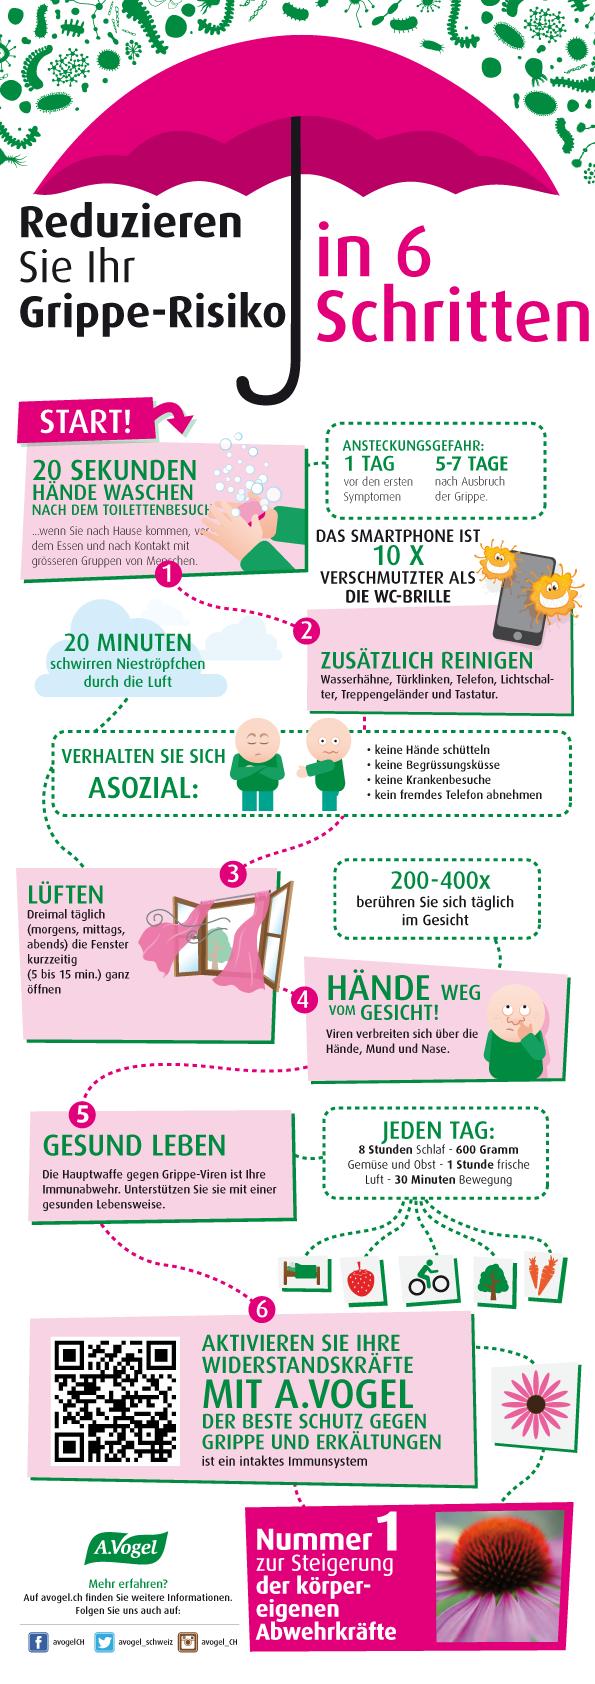 Grippe Vorbeugen Infografik